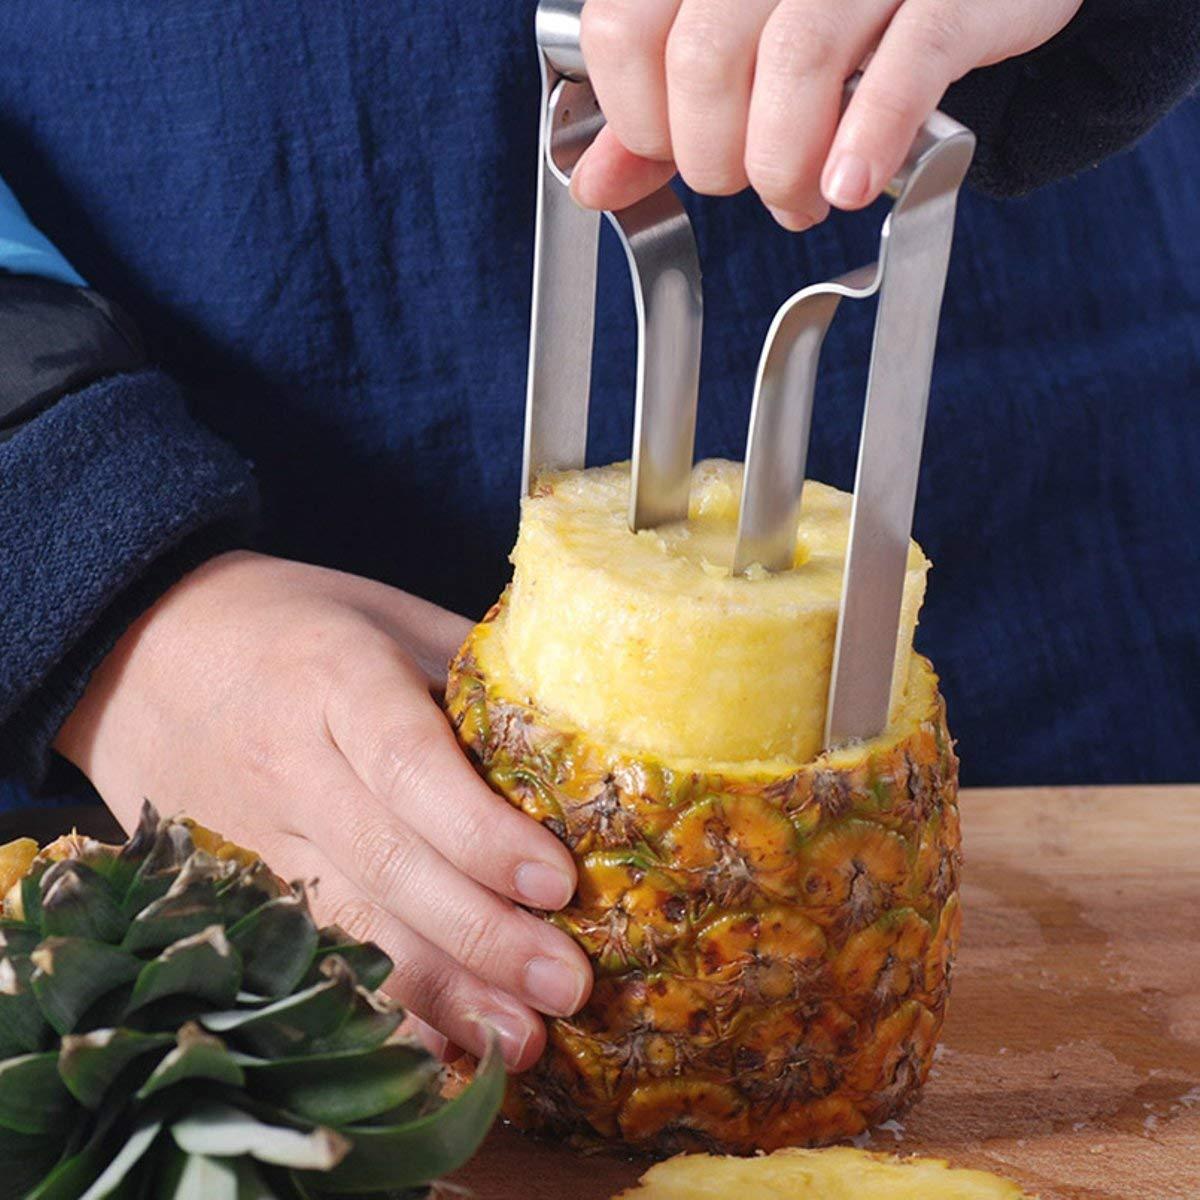 VANLLERTEAM - Stainless Steel Fruit Pineapple. Household Stainless Steel Pineapple Peeler Pineapple Corer Pineapple Slicer Ring Wedge Kitchen Fruit Cutting Knife. Pineapple Peeler Corer Slicer Cutter